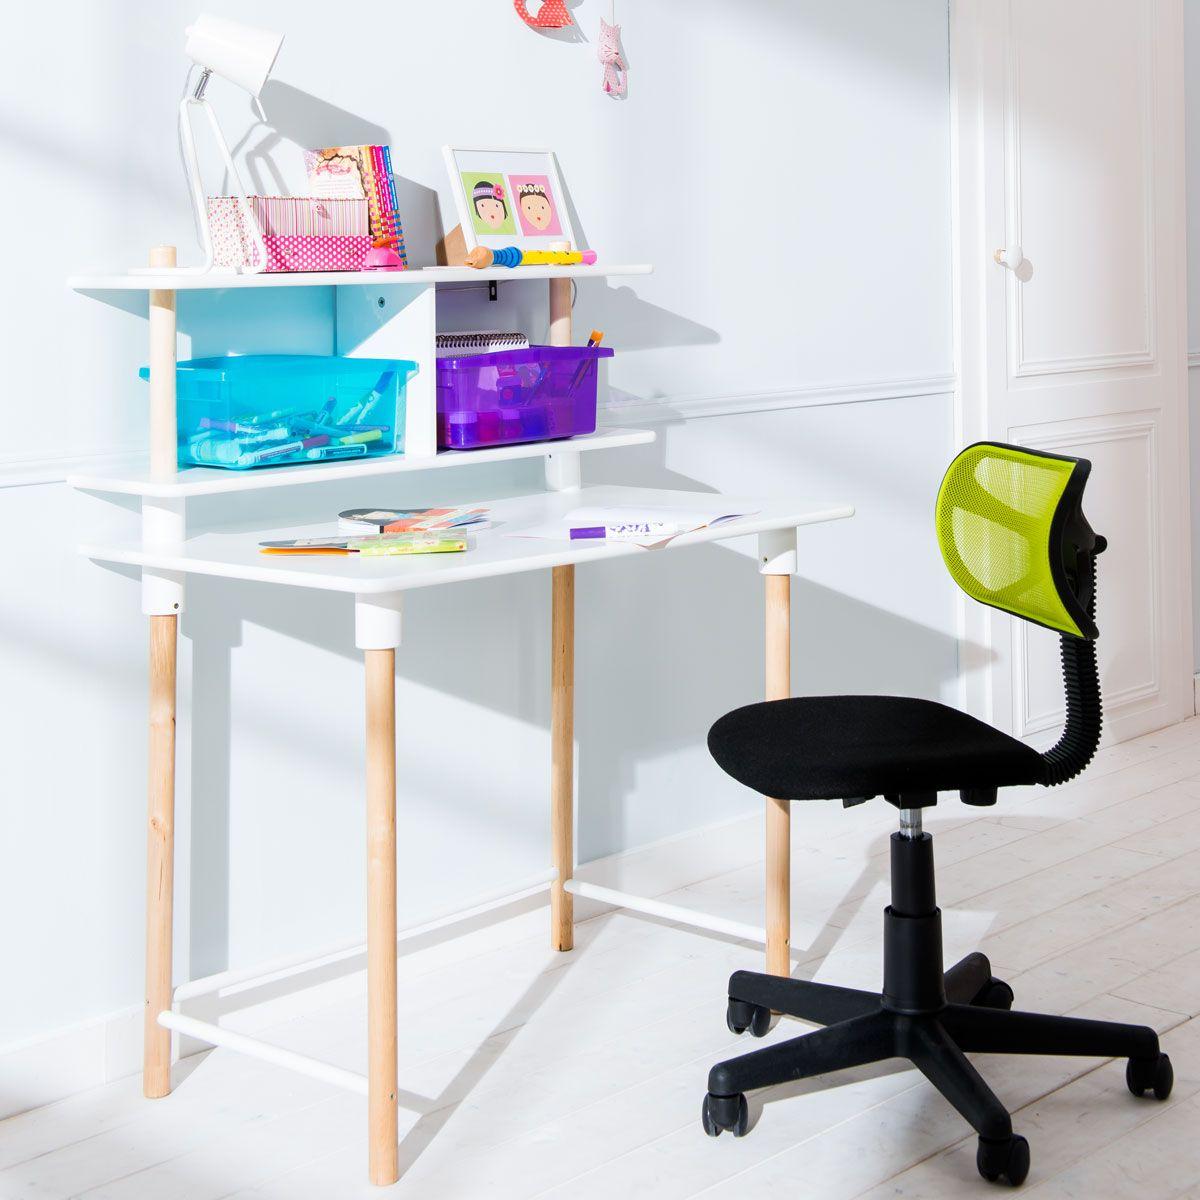 bureau izi tri oxybul pour enfant de 5 ans 12 ans. Black Bedroom Furniture Sets. Home Design Ideas